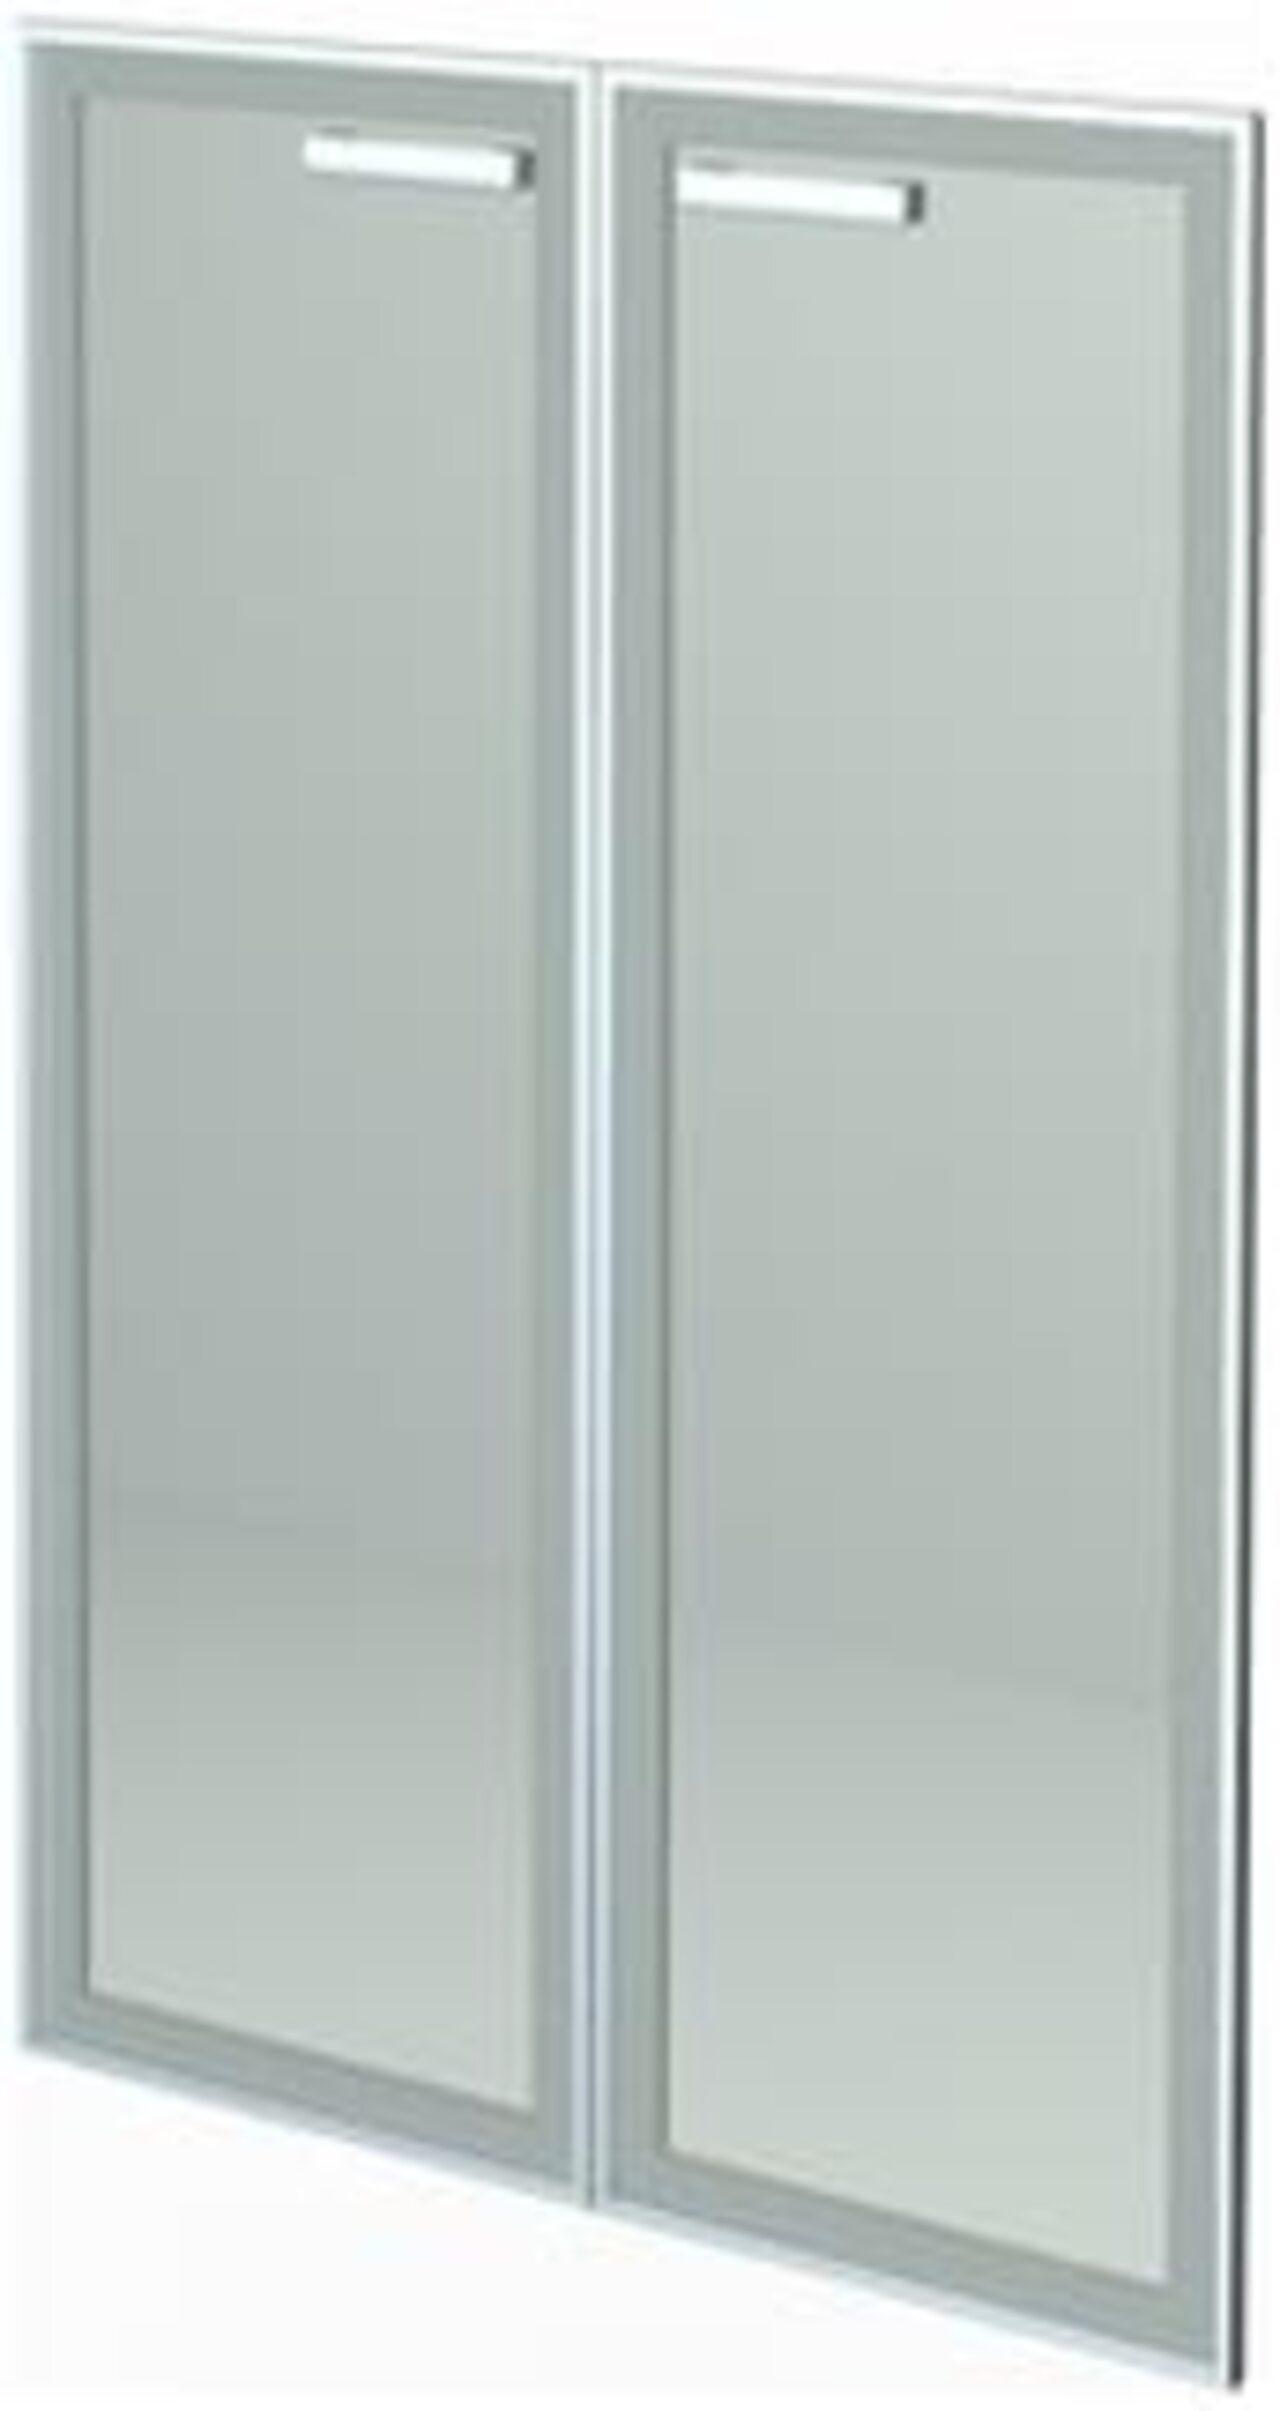 Двери средние стеклянные в алюминиевой раме HT-601.2.СР.Ф сатинат - фото 3